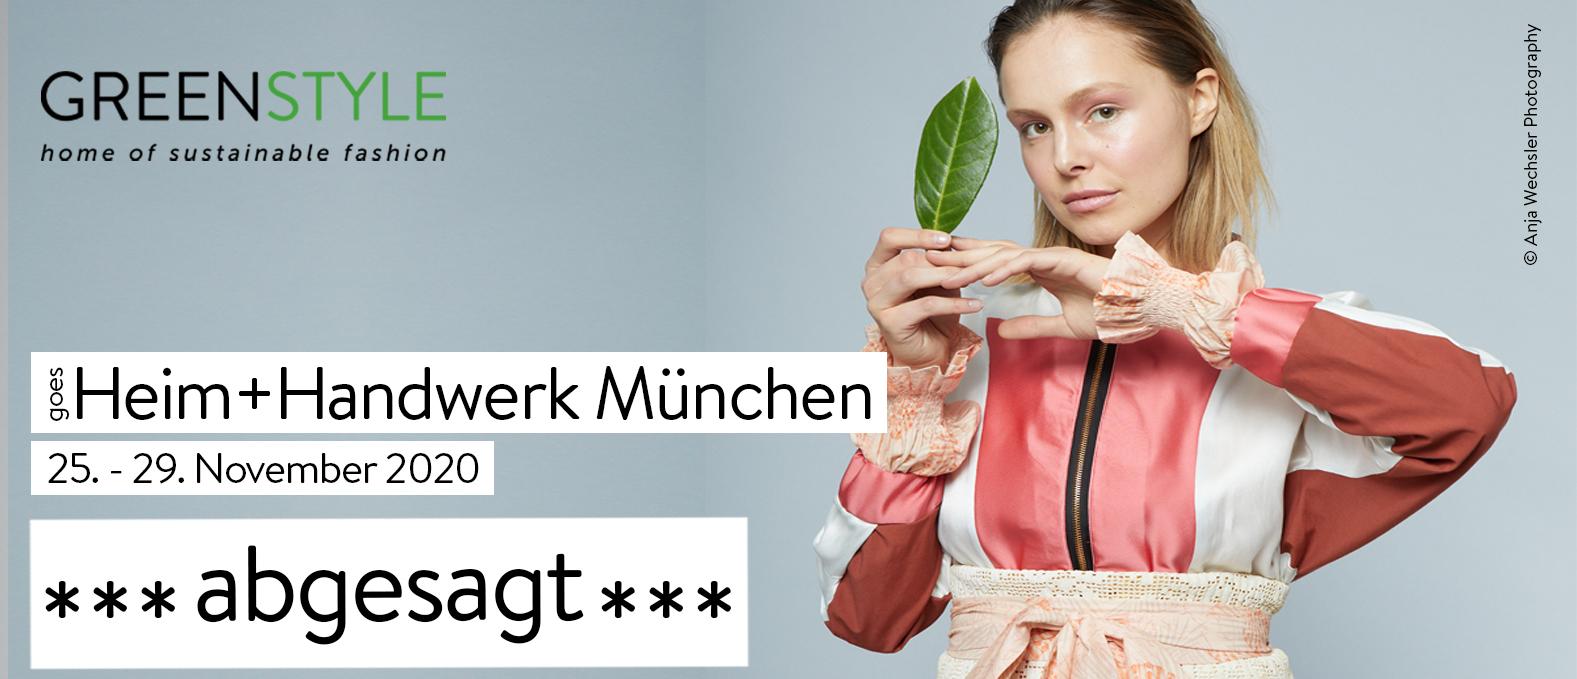 GREENSTYLE goes Heim+Handwerk München